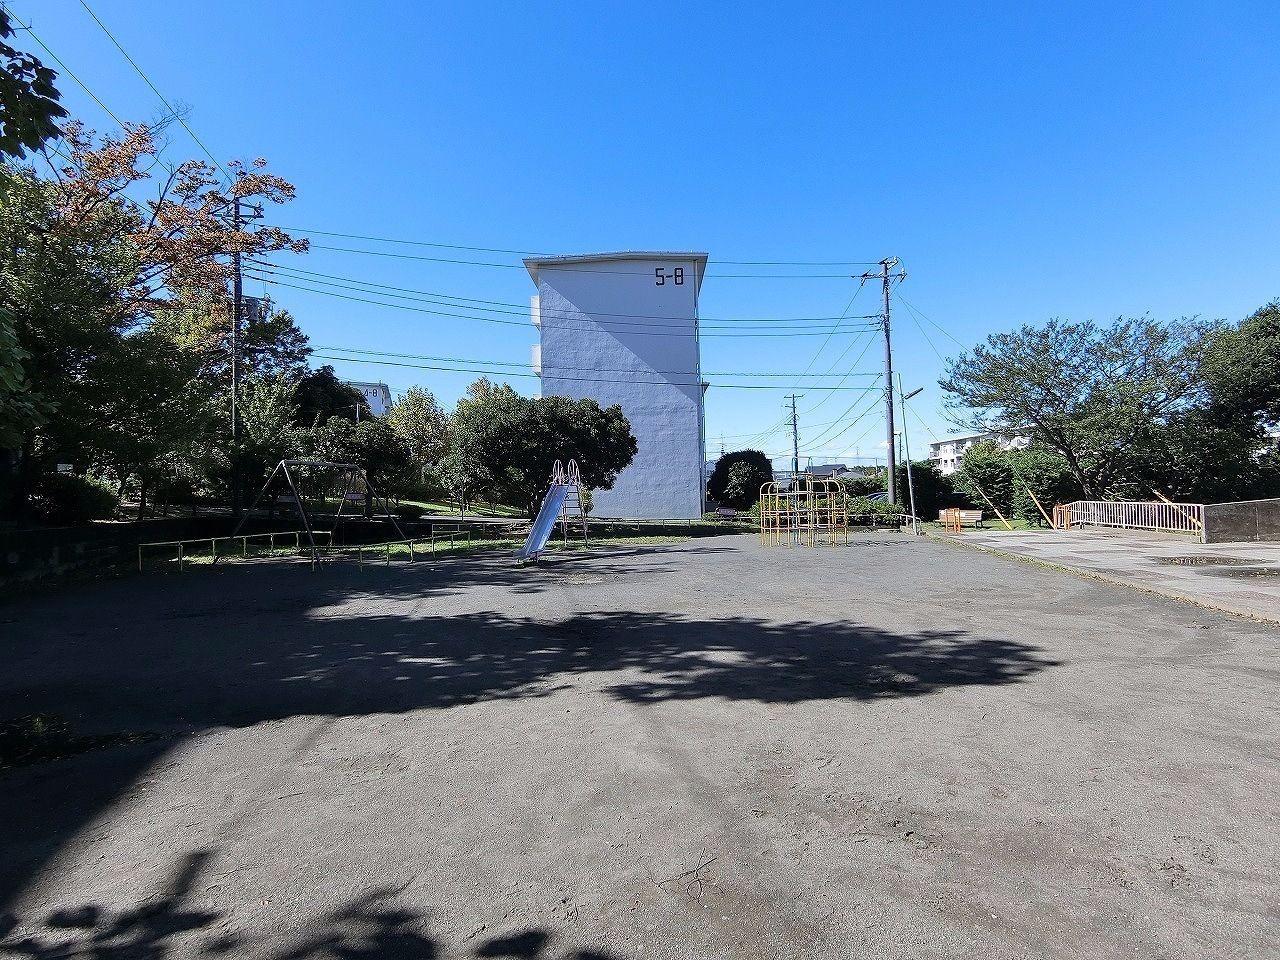 ドーナッツ公園・たまプラーザ団地(敷地内)周辺環境の様子です。